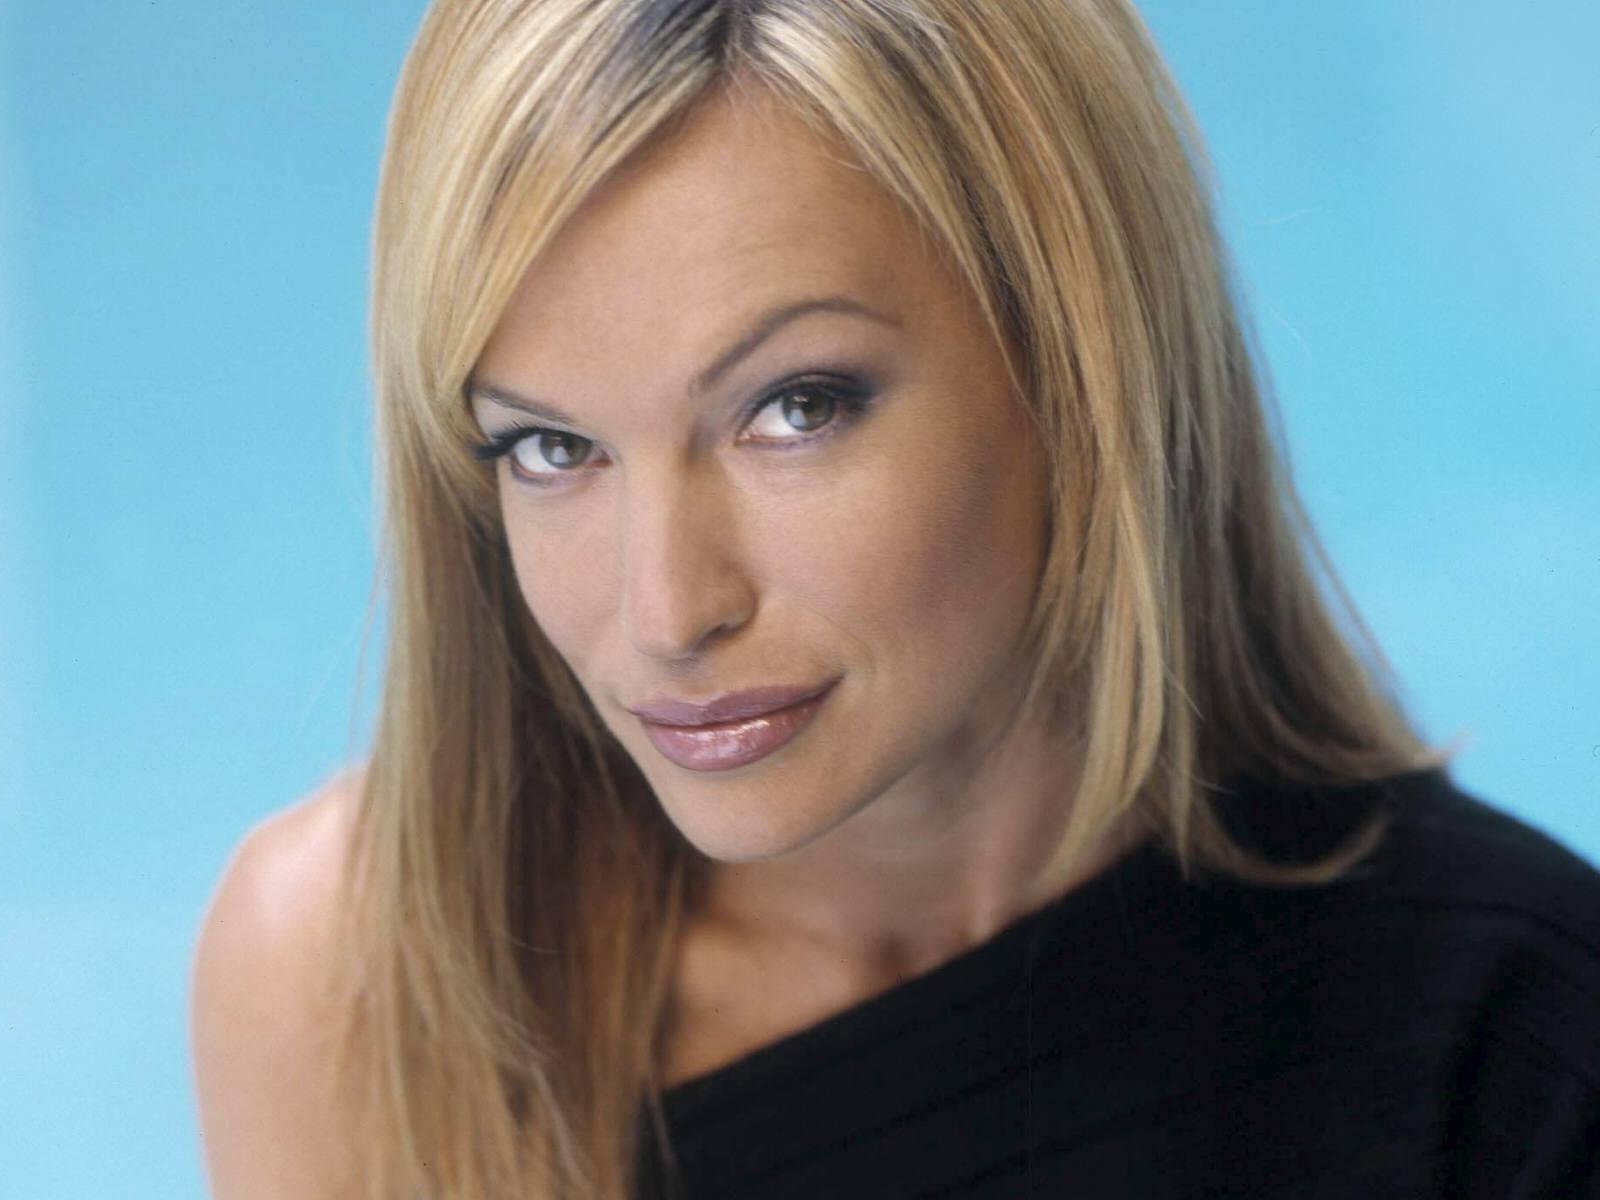 Poze Jolene Blalock - Actor - Poza 91 din 132 - CineMagia.ro